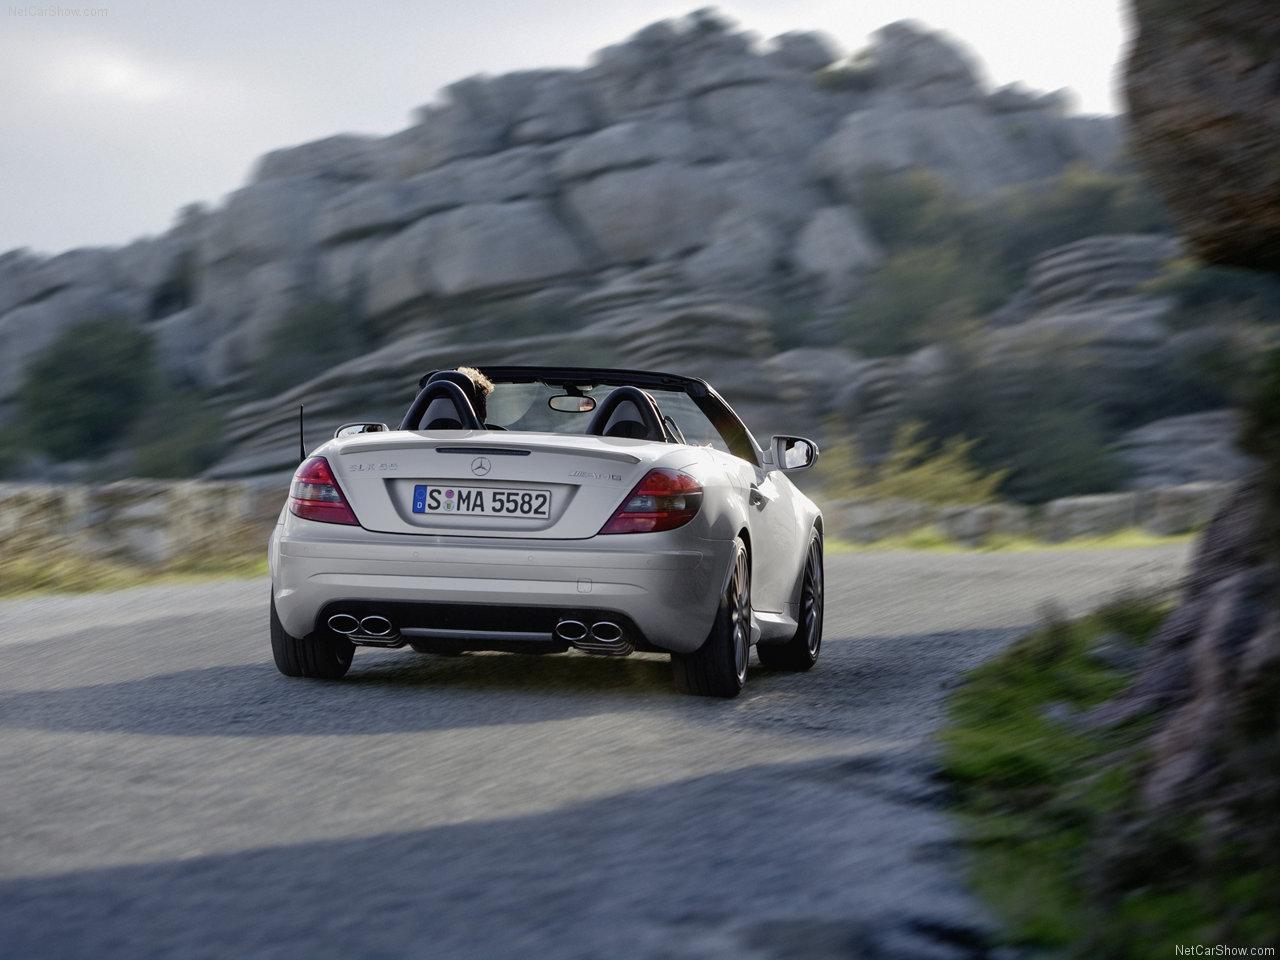 http://1.bp.blogspot.com/_3V1YR3u6VBg/S8SjCUENRFI/AAAAAAAAB9k/VA8oviGTKOg/s1600/Mercedes-Benz-SLK_55_AMG_2008_1280x960_wallpaper_06.jpg